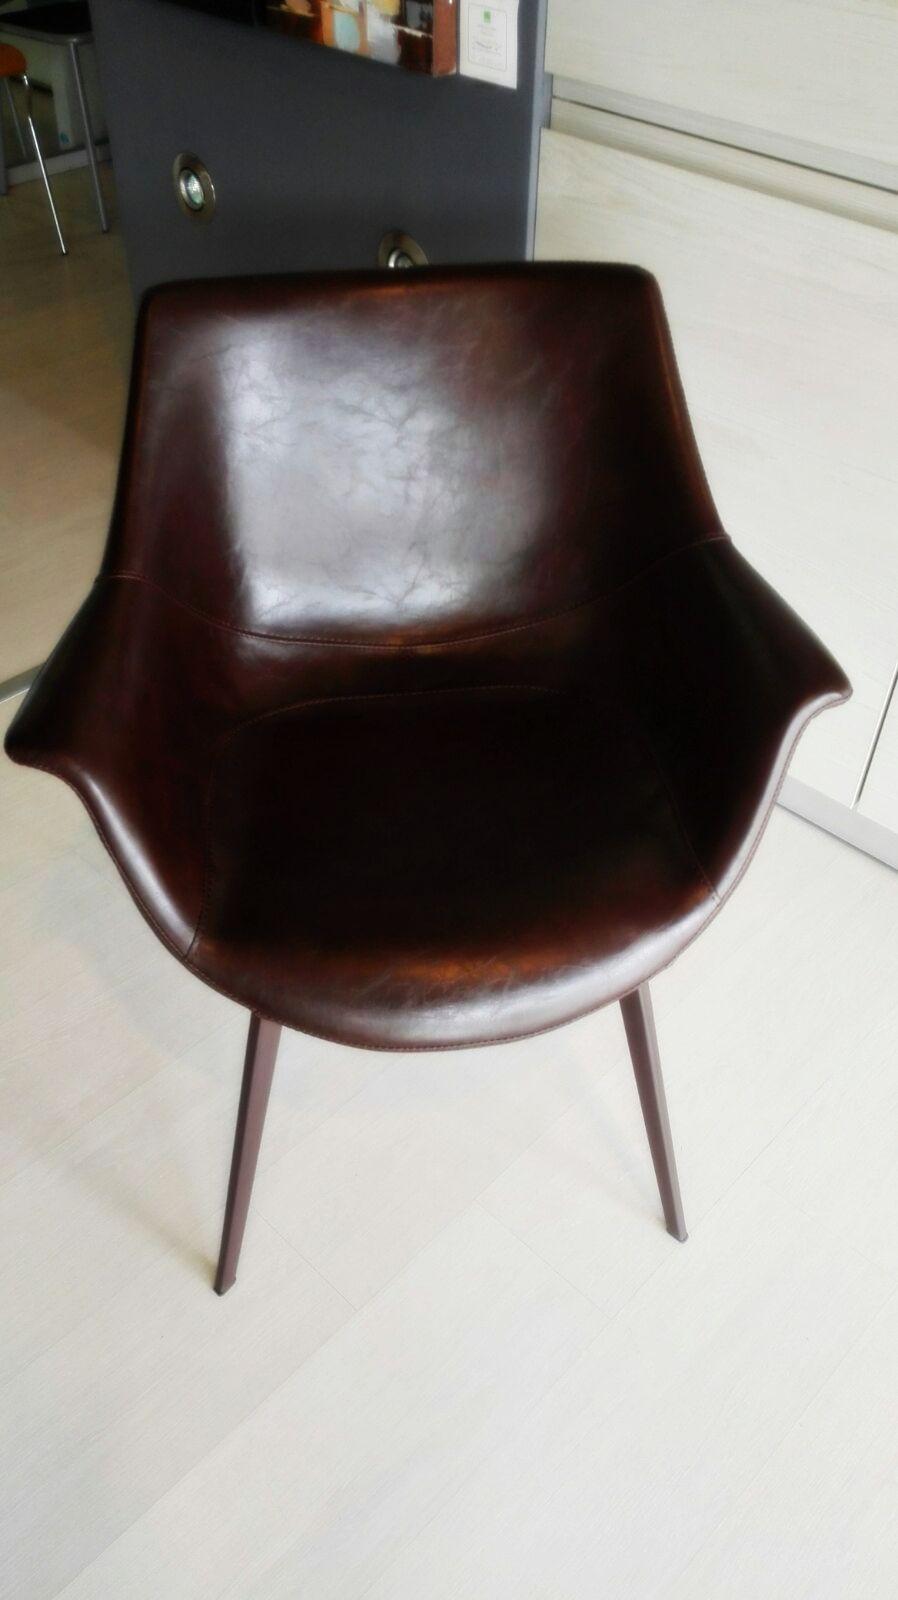 Sedia Donny in eco-cuoio con gamba colore metallo corten: raffinata ...